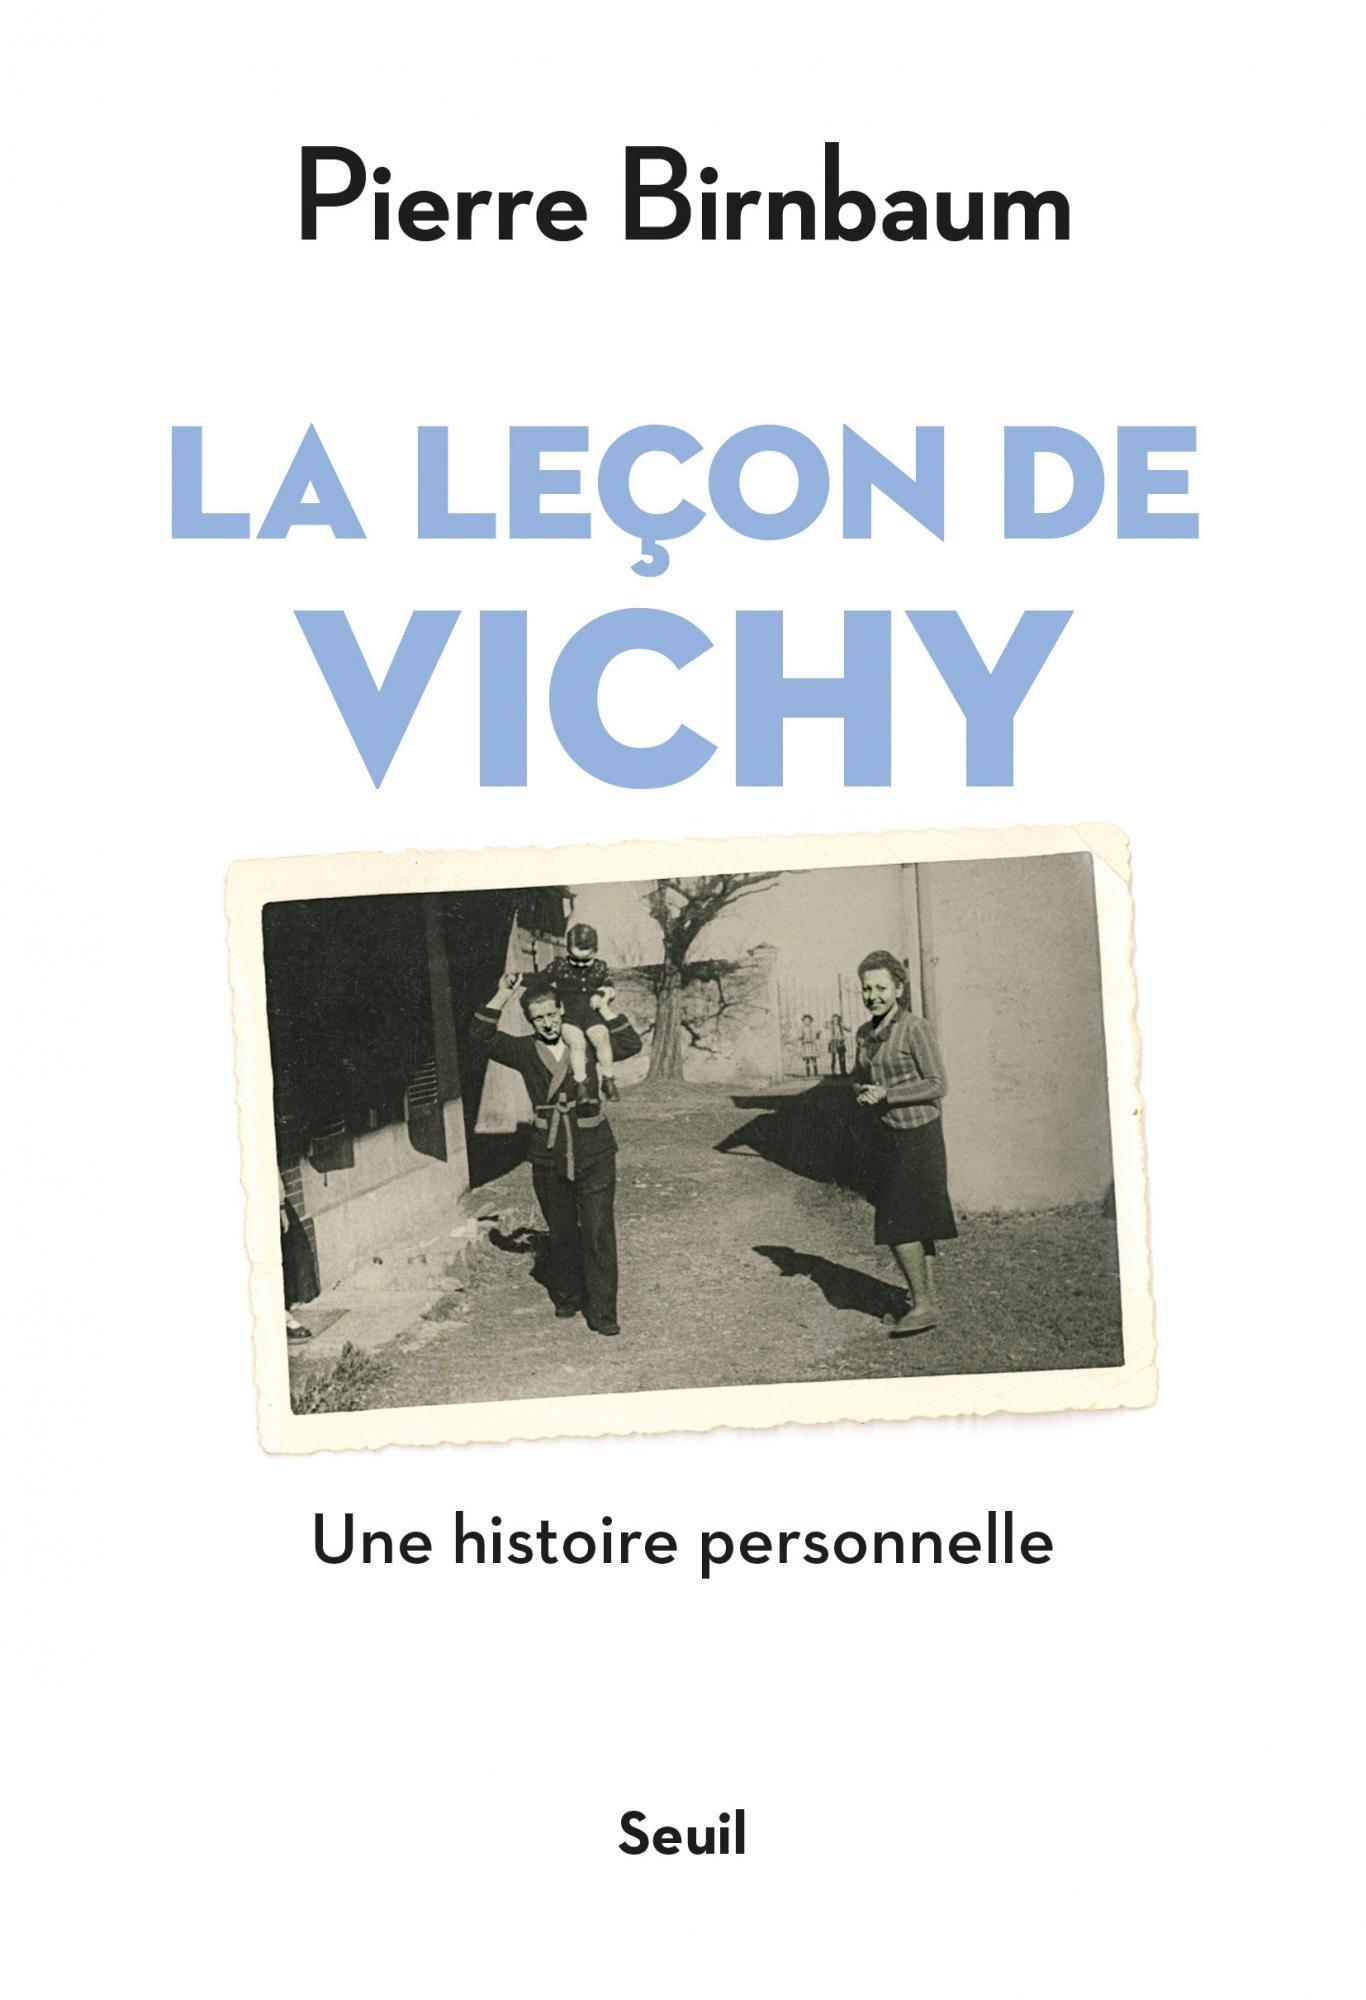 Pierre Birnbaum - La leçon de Vichy